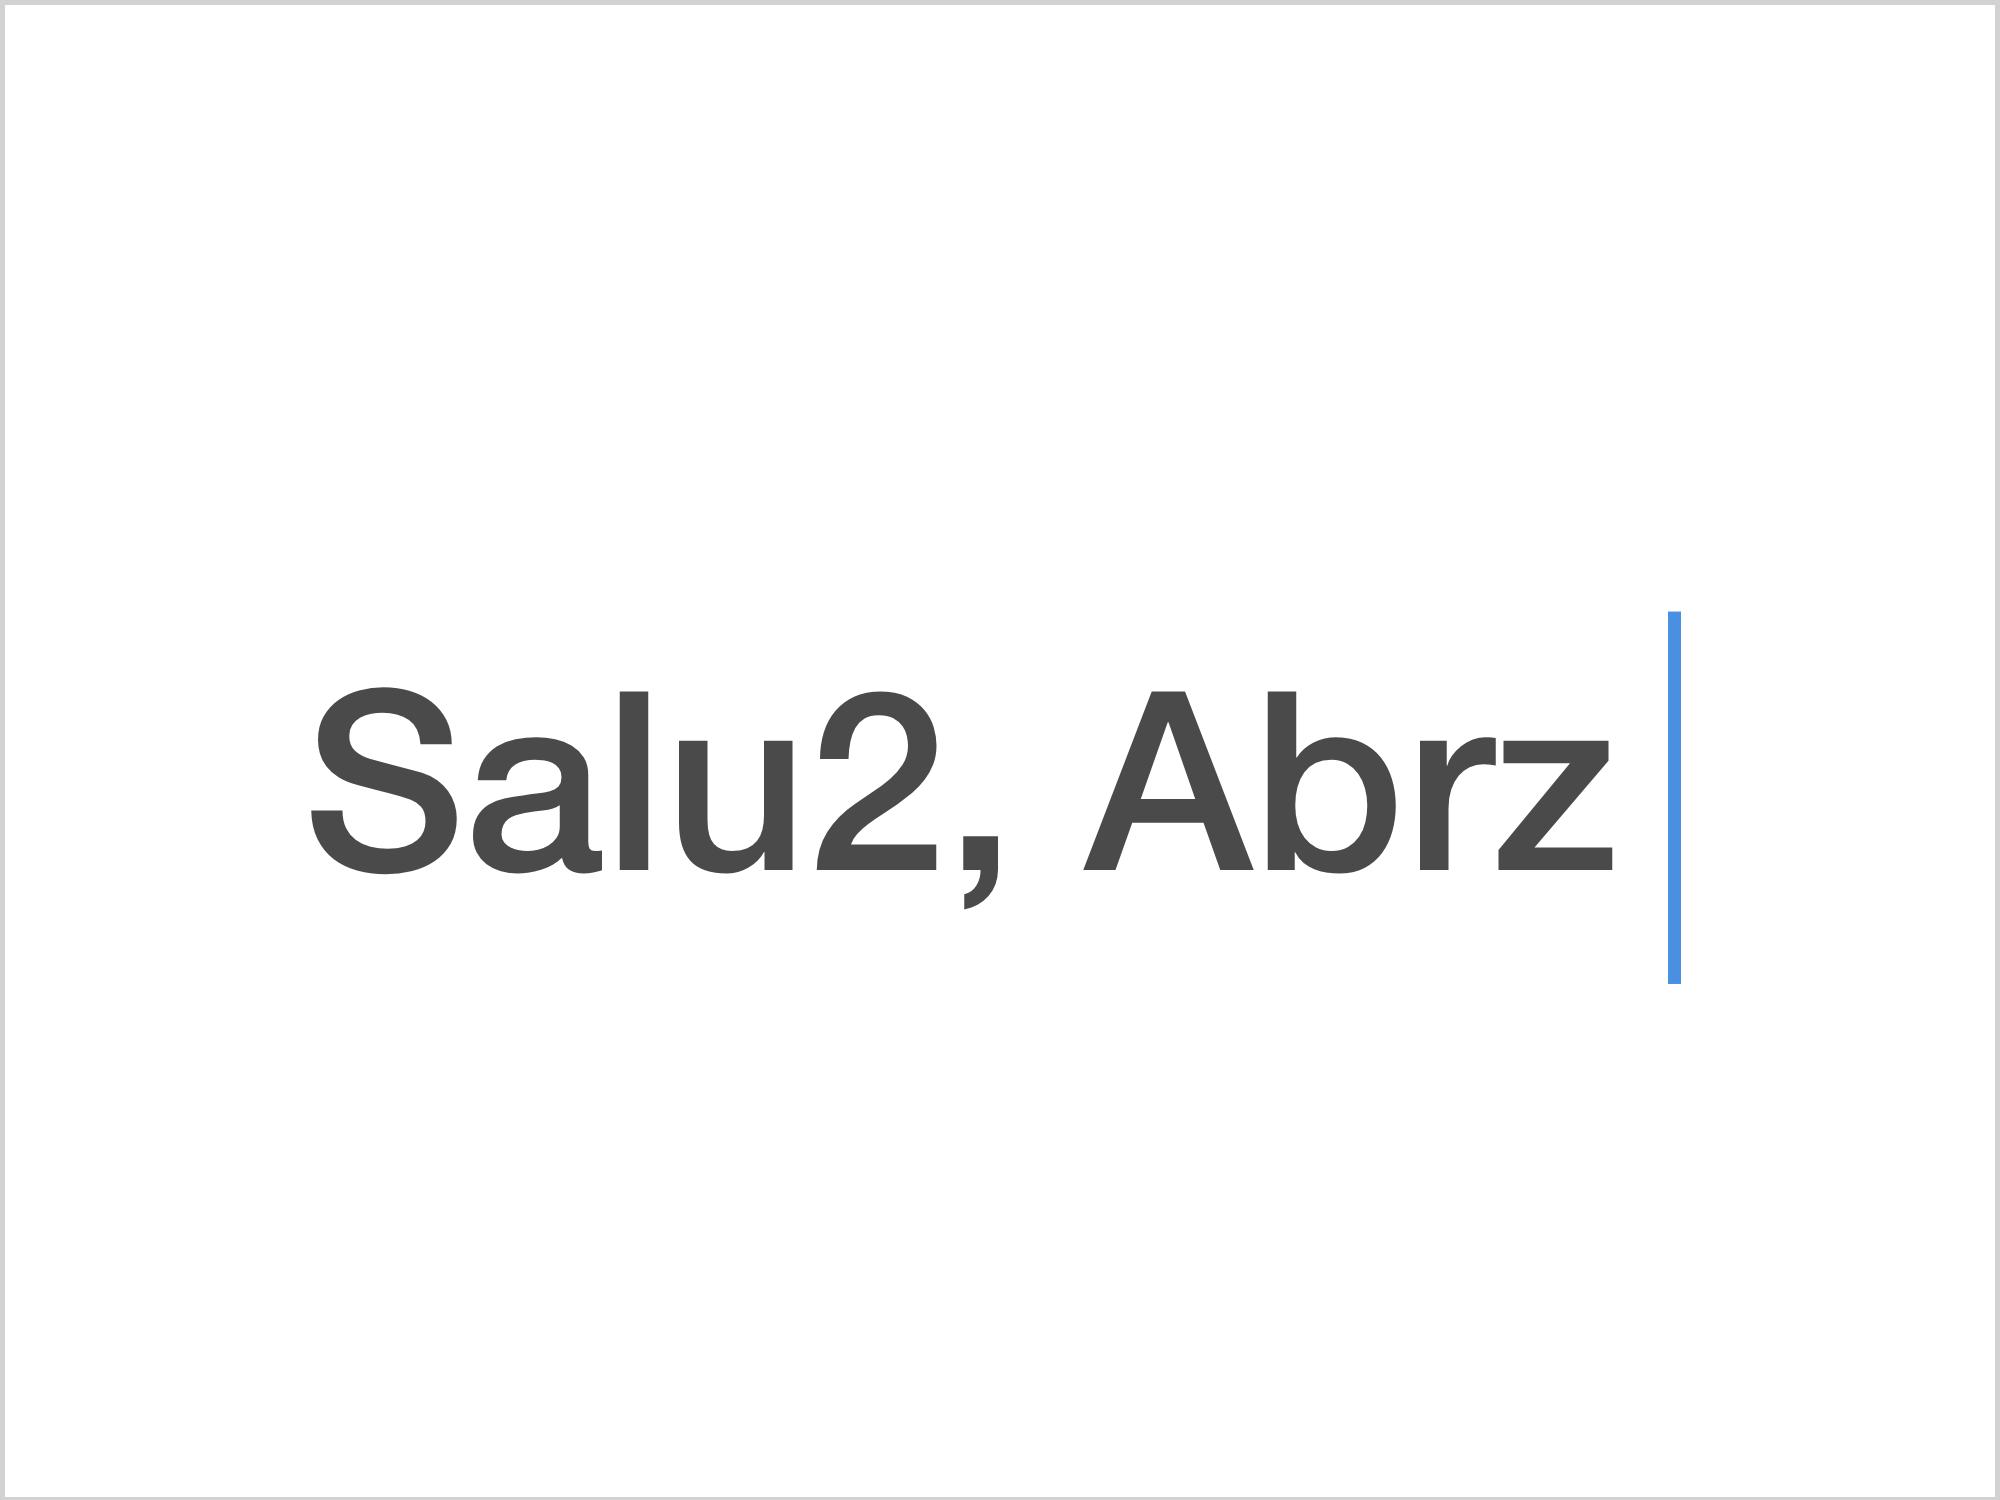 Salu2 y Abrz